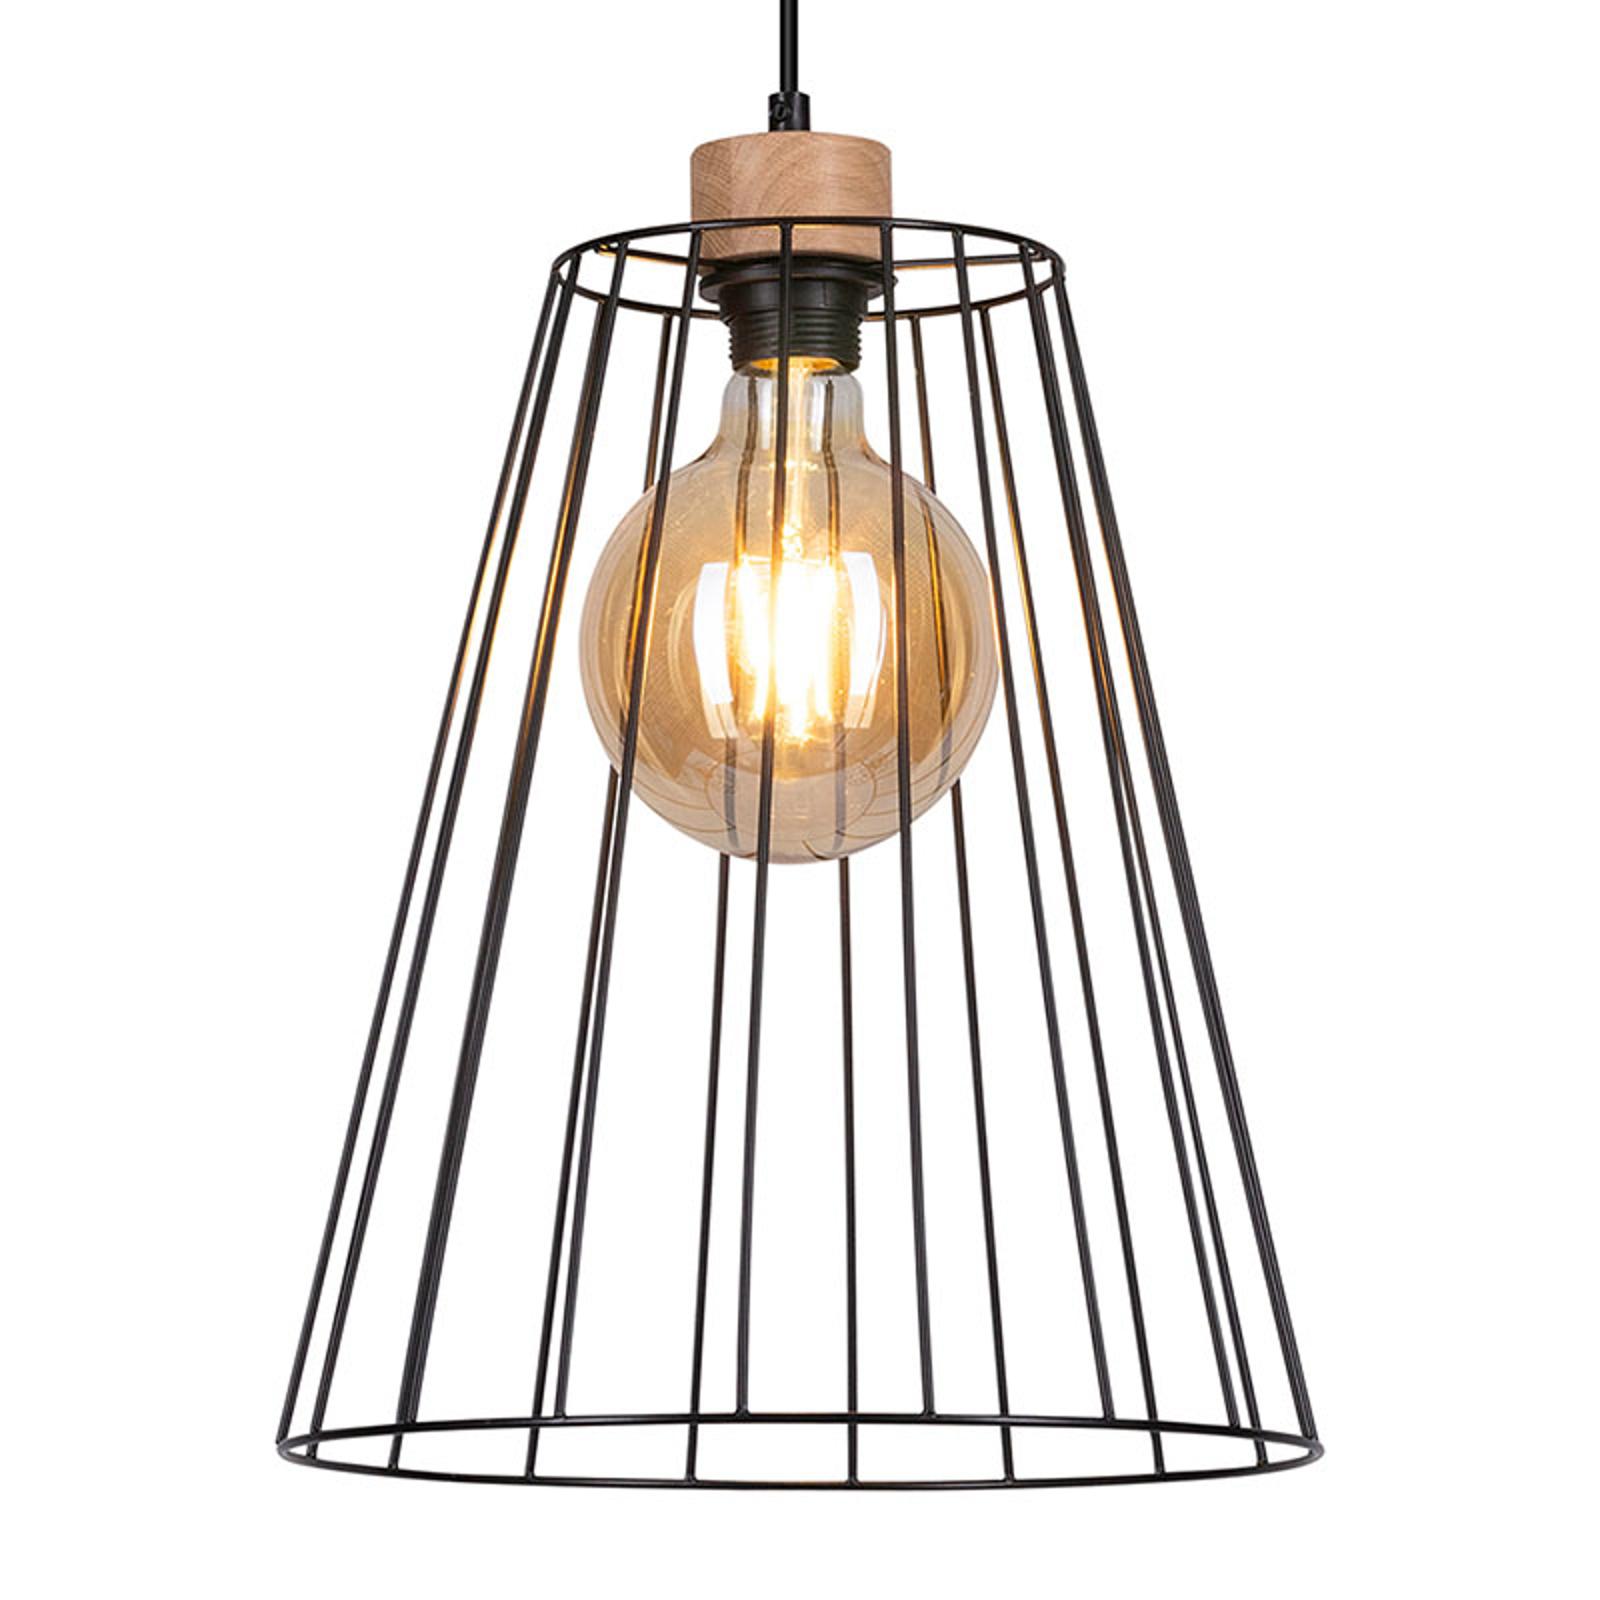 Lampa wisząca Cailand z kloszem klatkowym